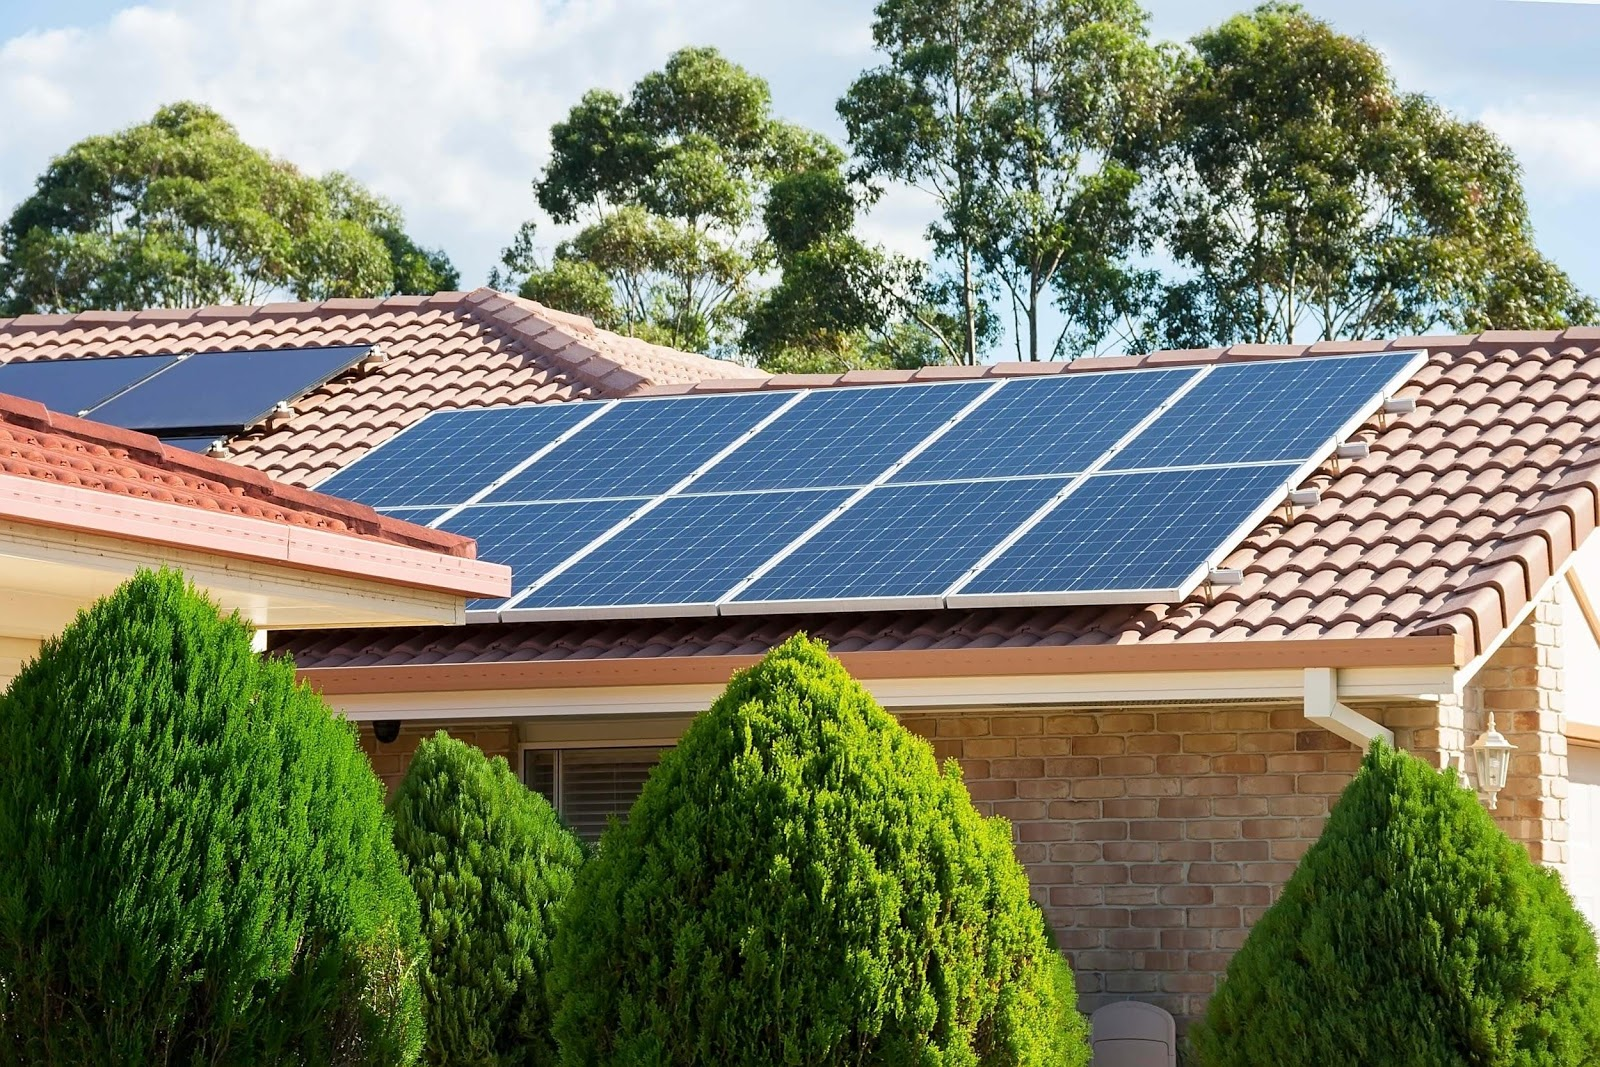 Energia solar: descubra todos os benefícios e incentivos